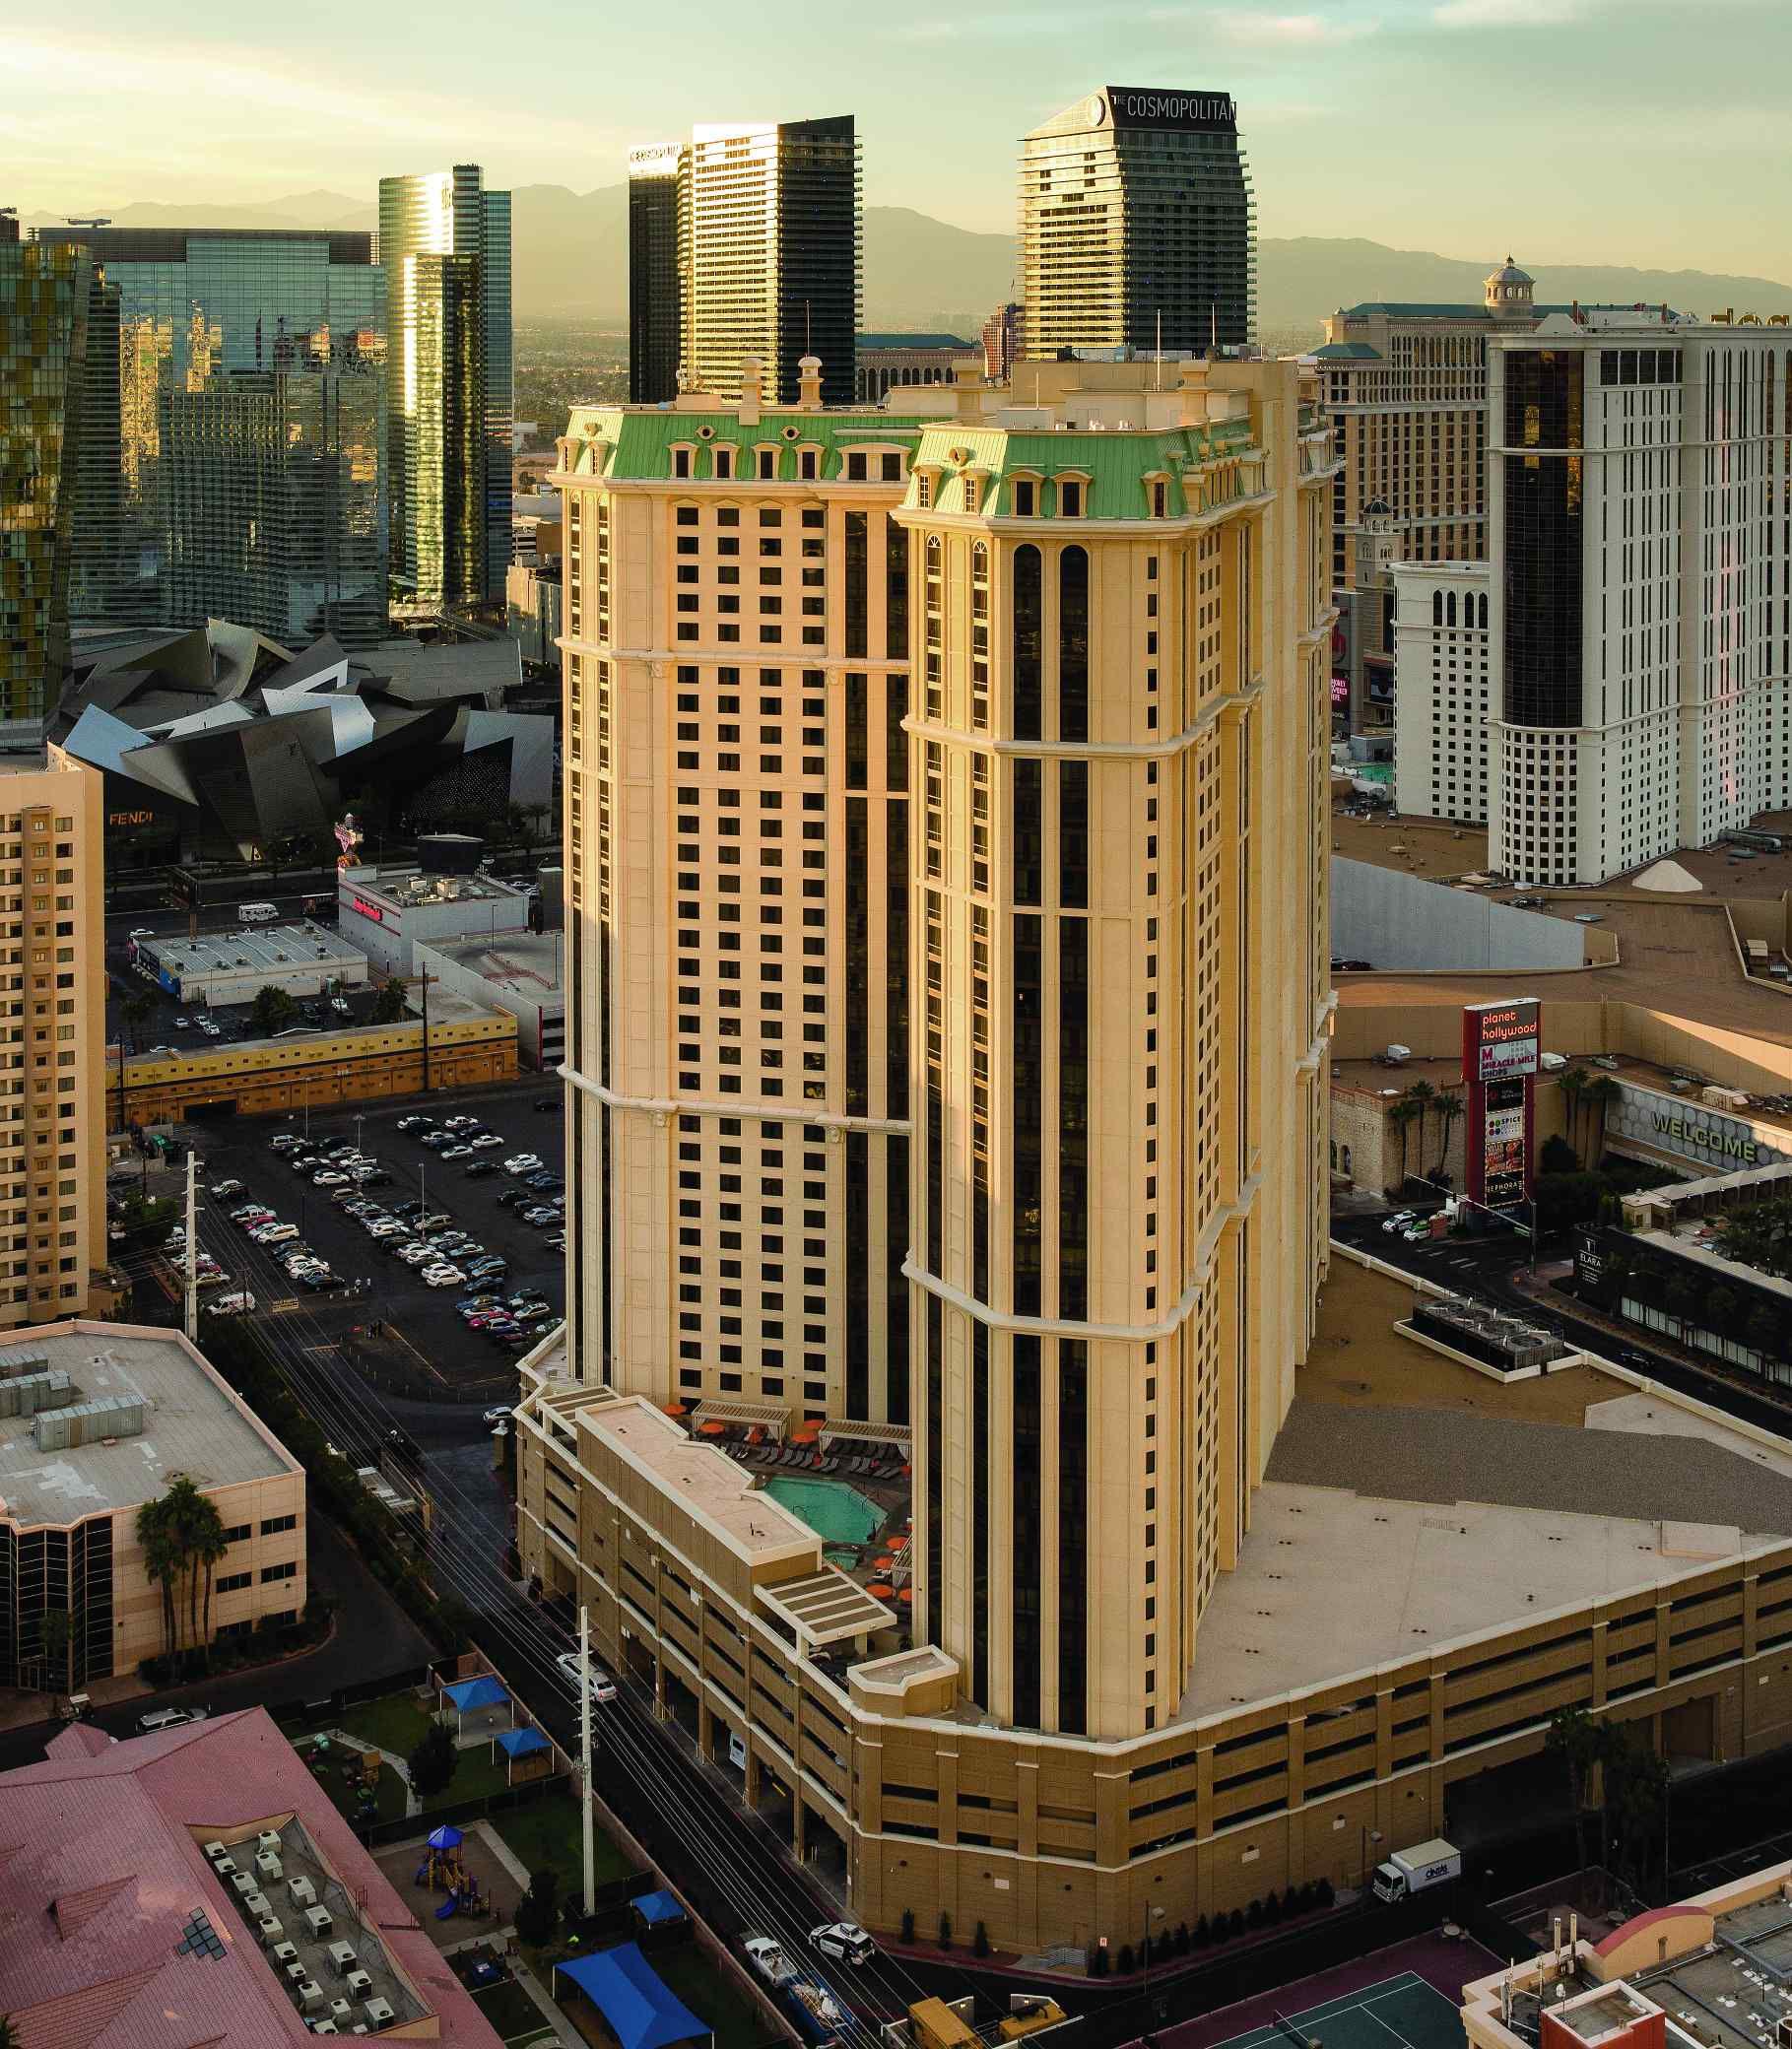 Marriott 2 Bedroom Suites Las Vegas: 75 East Harmon Avenue, Las